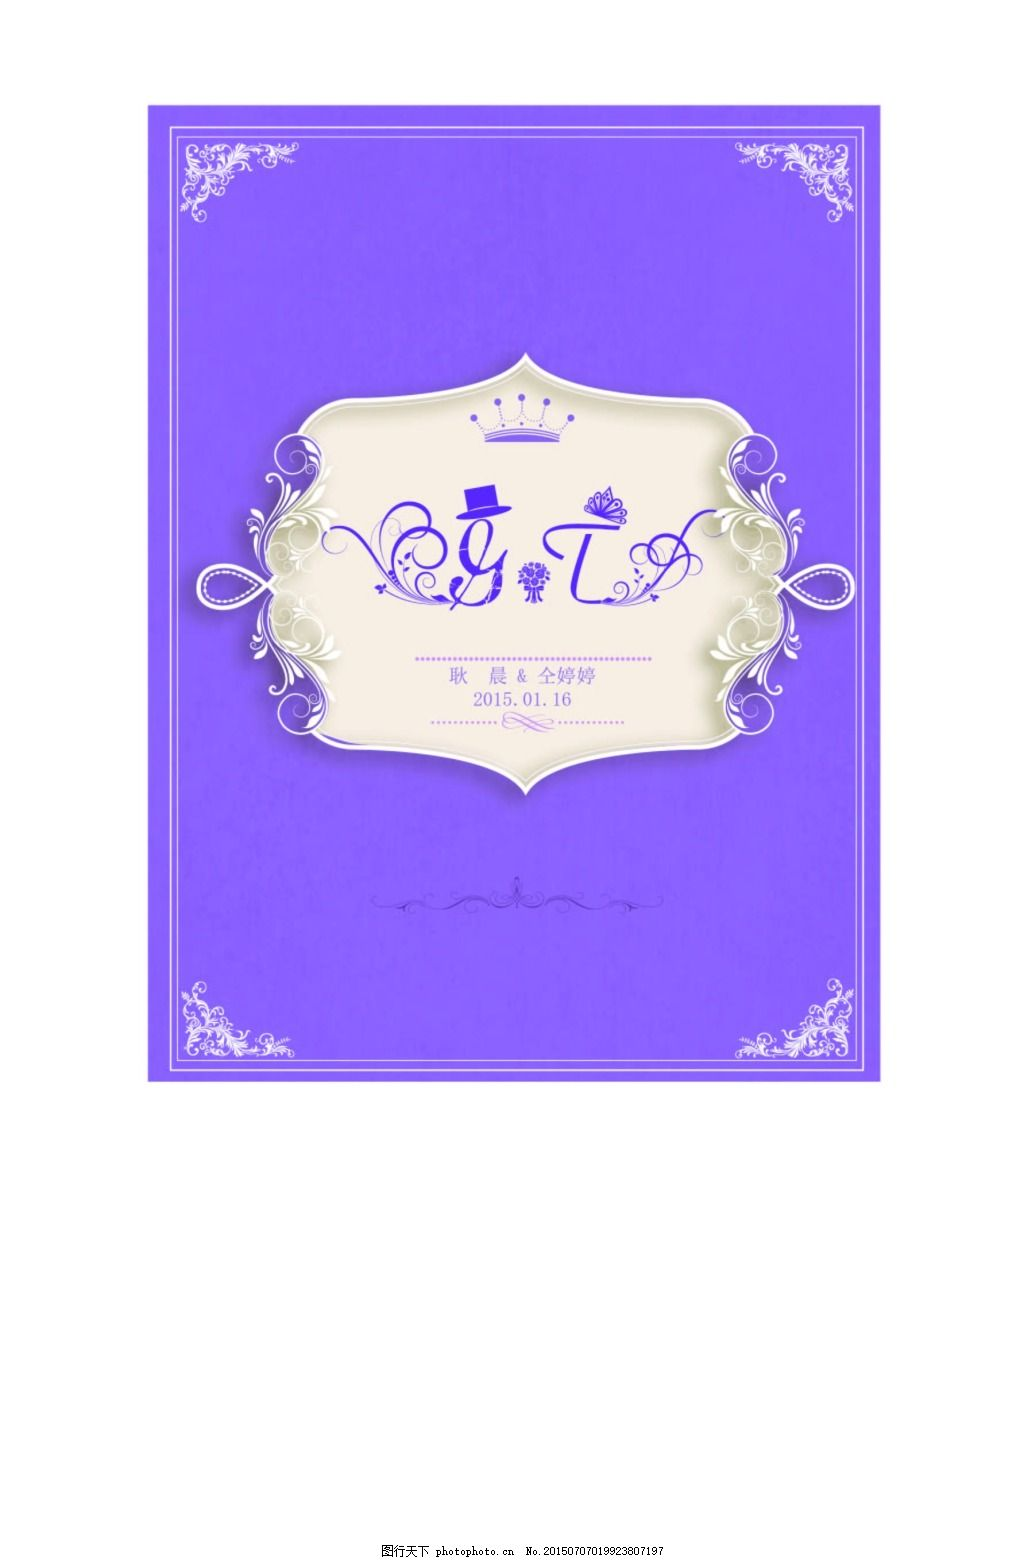 字母logo设计 欧式花纹 紫色背景 蕾丝 白色